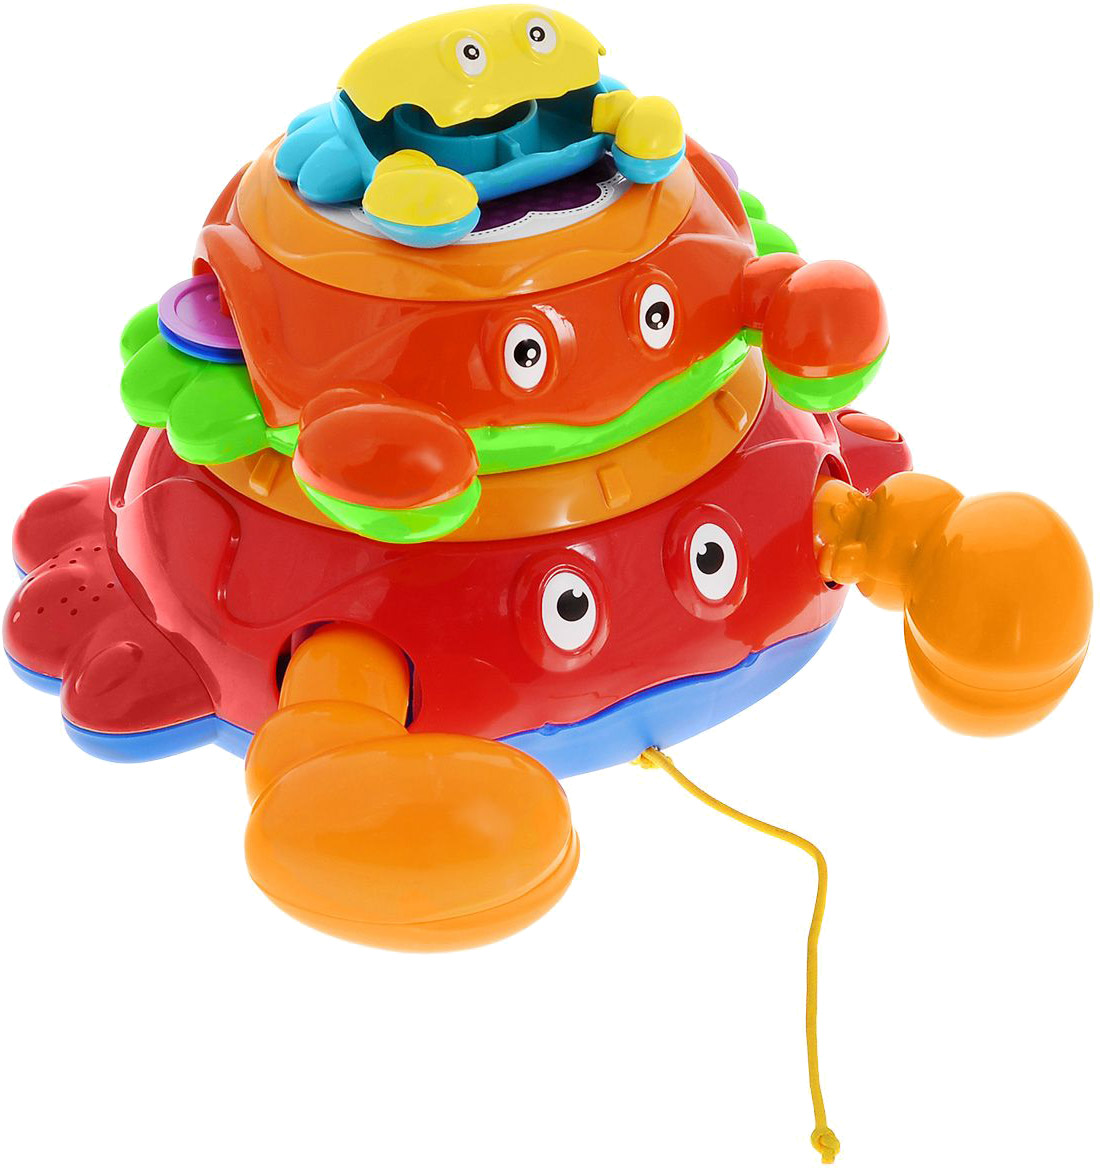 Купить Развивающая игрушка, Крабики, 1шт., Малышарики MSH0303-006, Китай, многоцветный